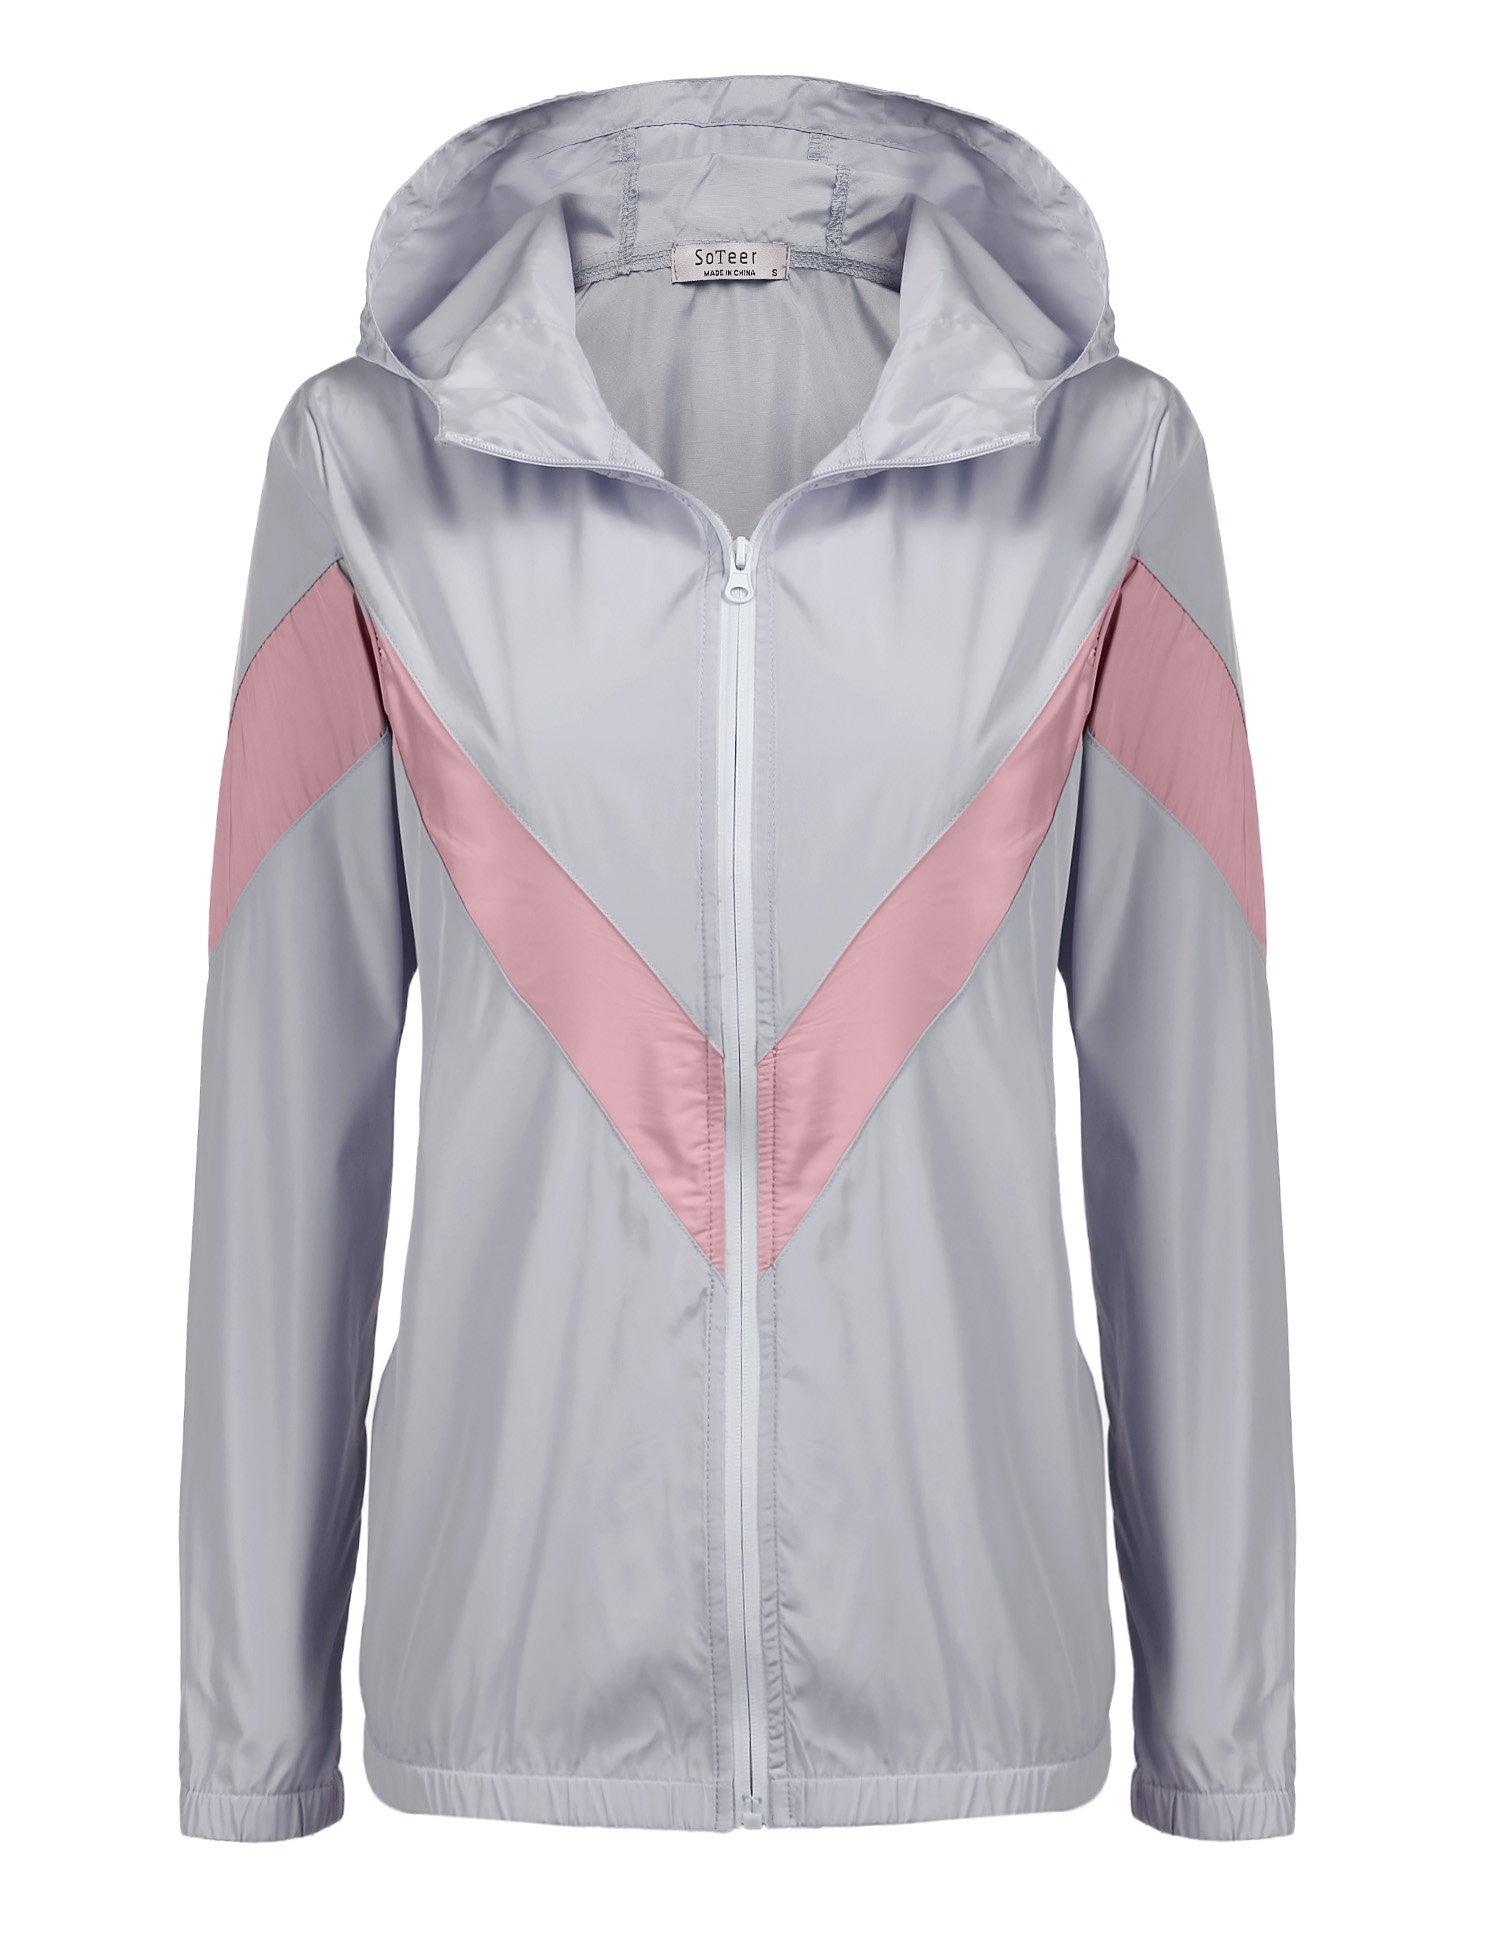 SoTeer Women's Summer Lightweight Raincoat with Hood Windproof Waterproof Jacket Coat Windbreaker Grey M